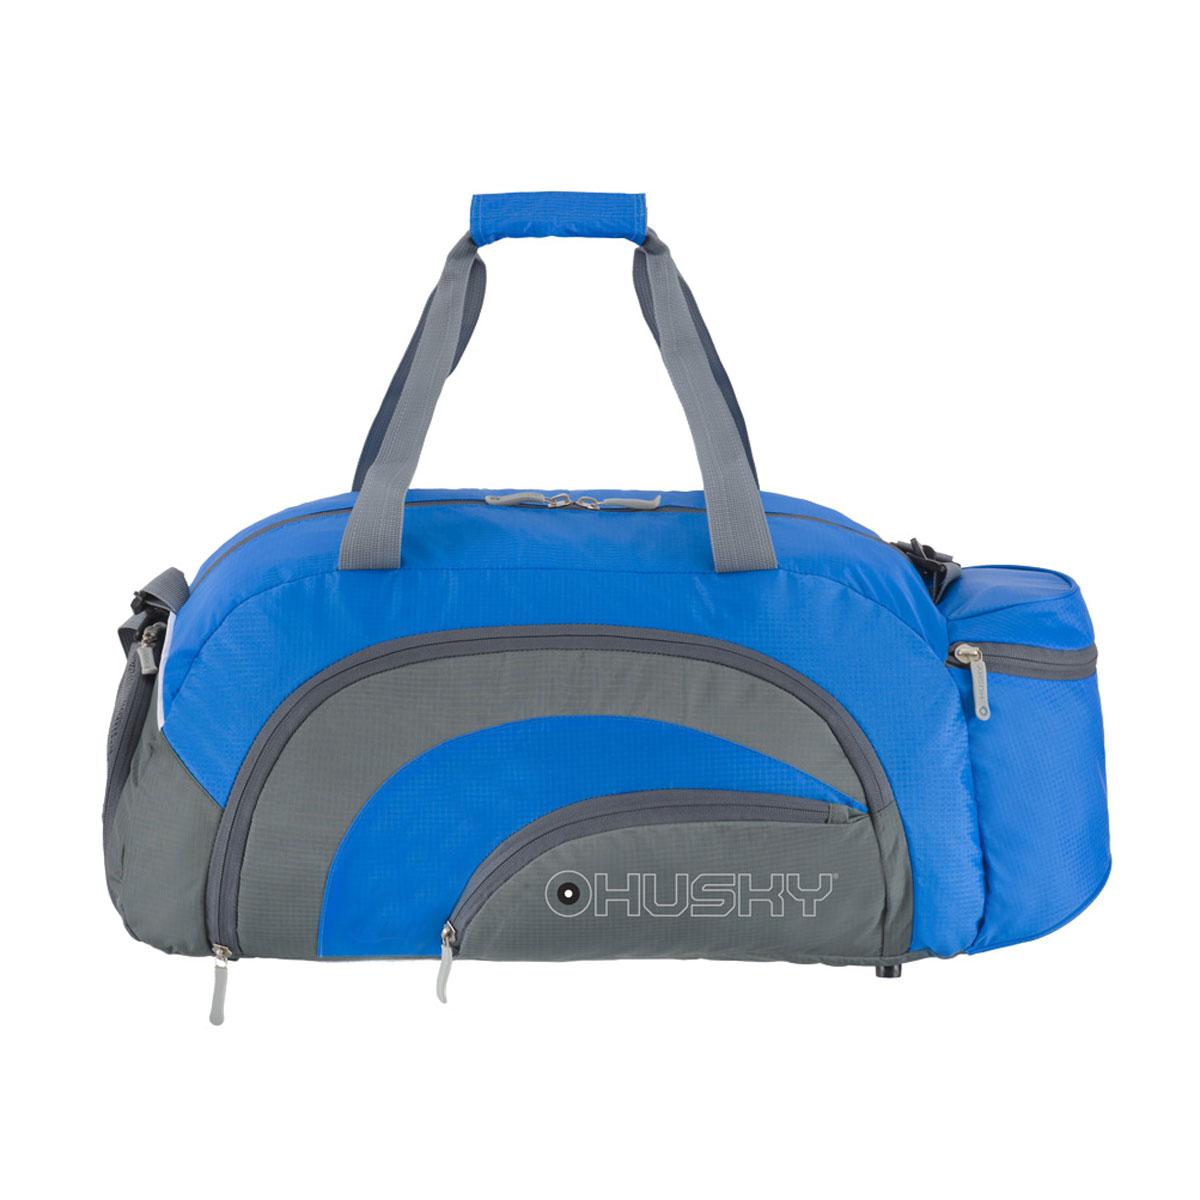 Сумка спортивная Husky Glade 38, цвет: синийУТ-000057662Комфортная и практичная спортивная сумка Glade 38.Особенности модели: Водонепроницаемая ткань, Карман для обуви с вентиляцией, Три наружных кармана, Внутренний органайзер, Съемный наплечный ремень.